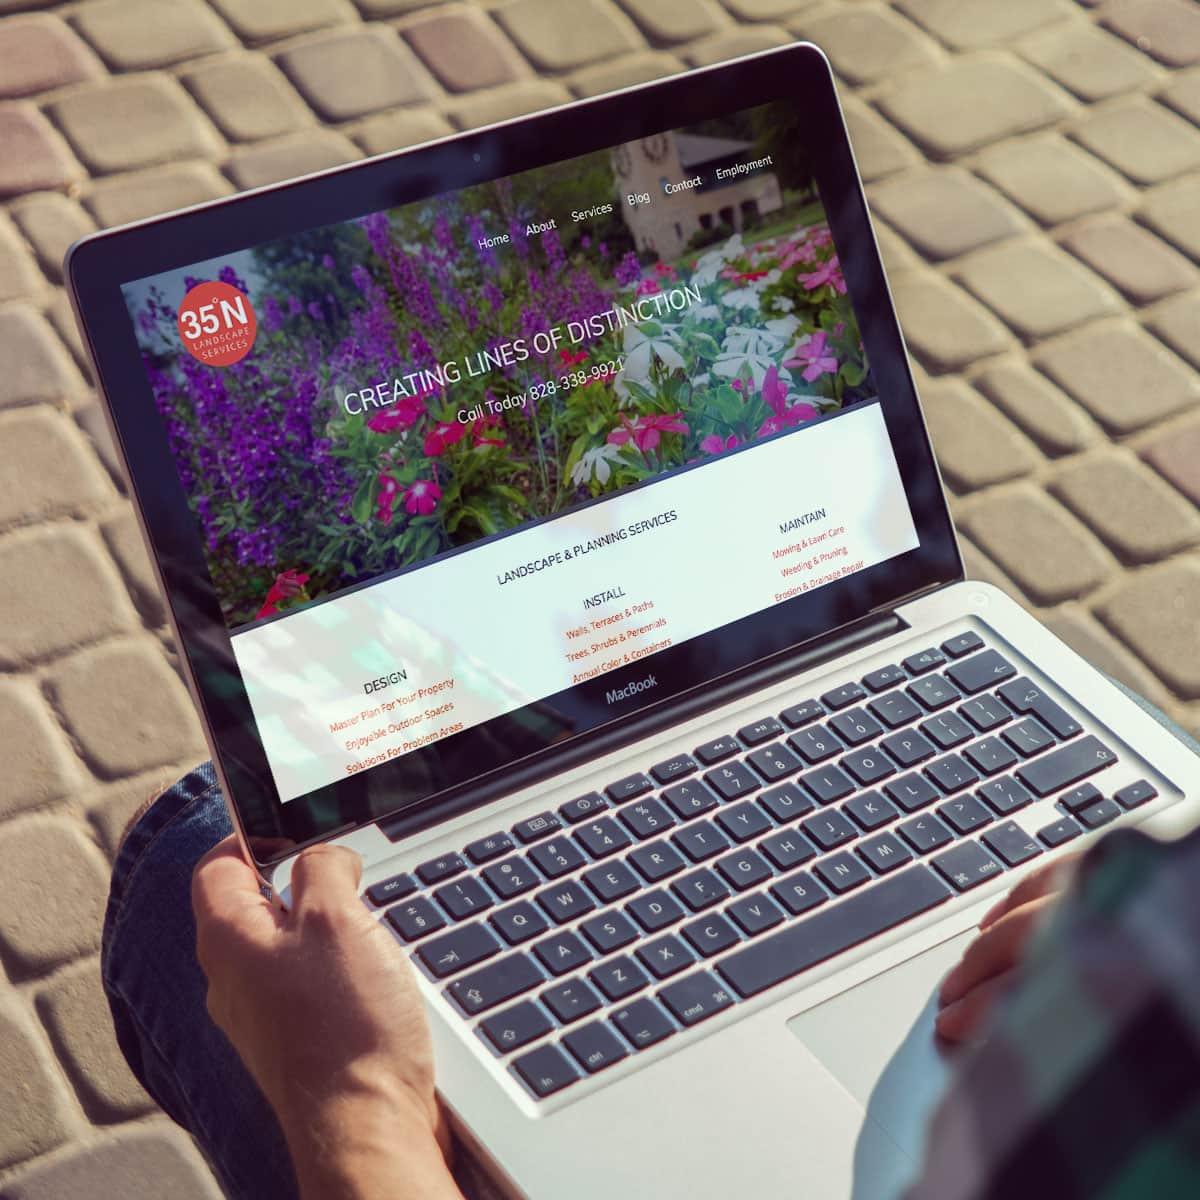 35-N_laptop_template